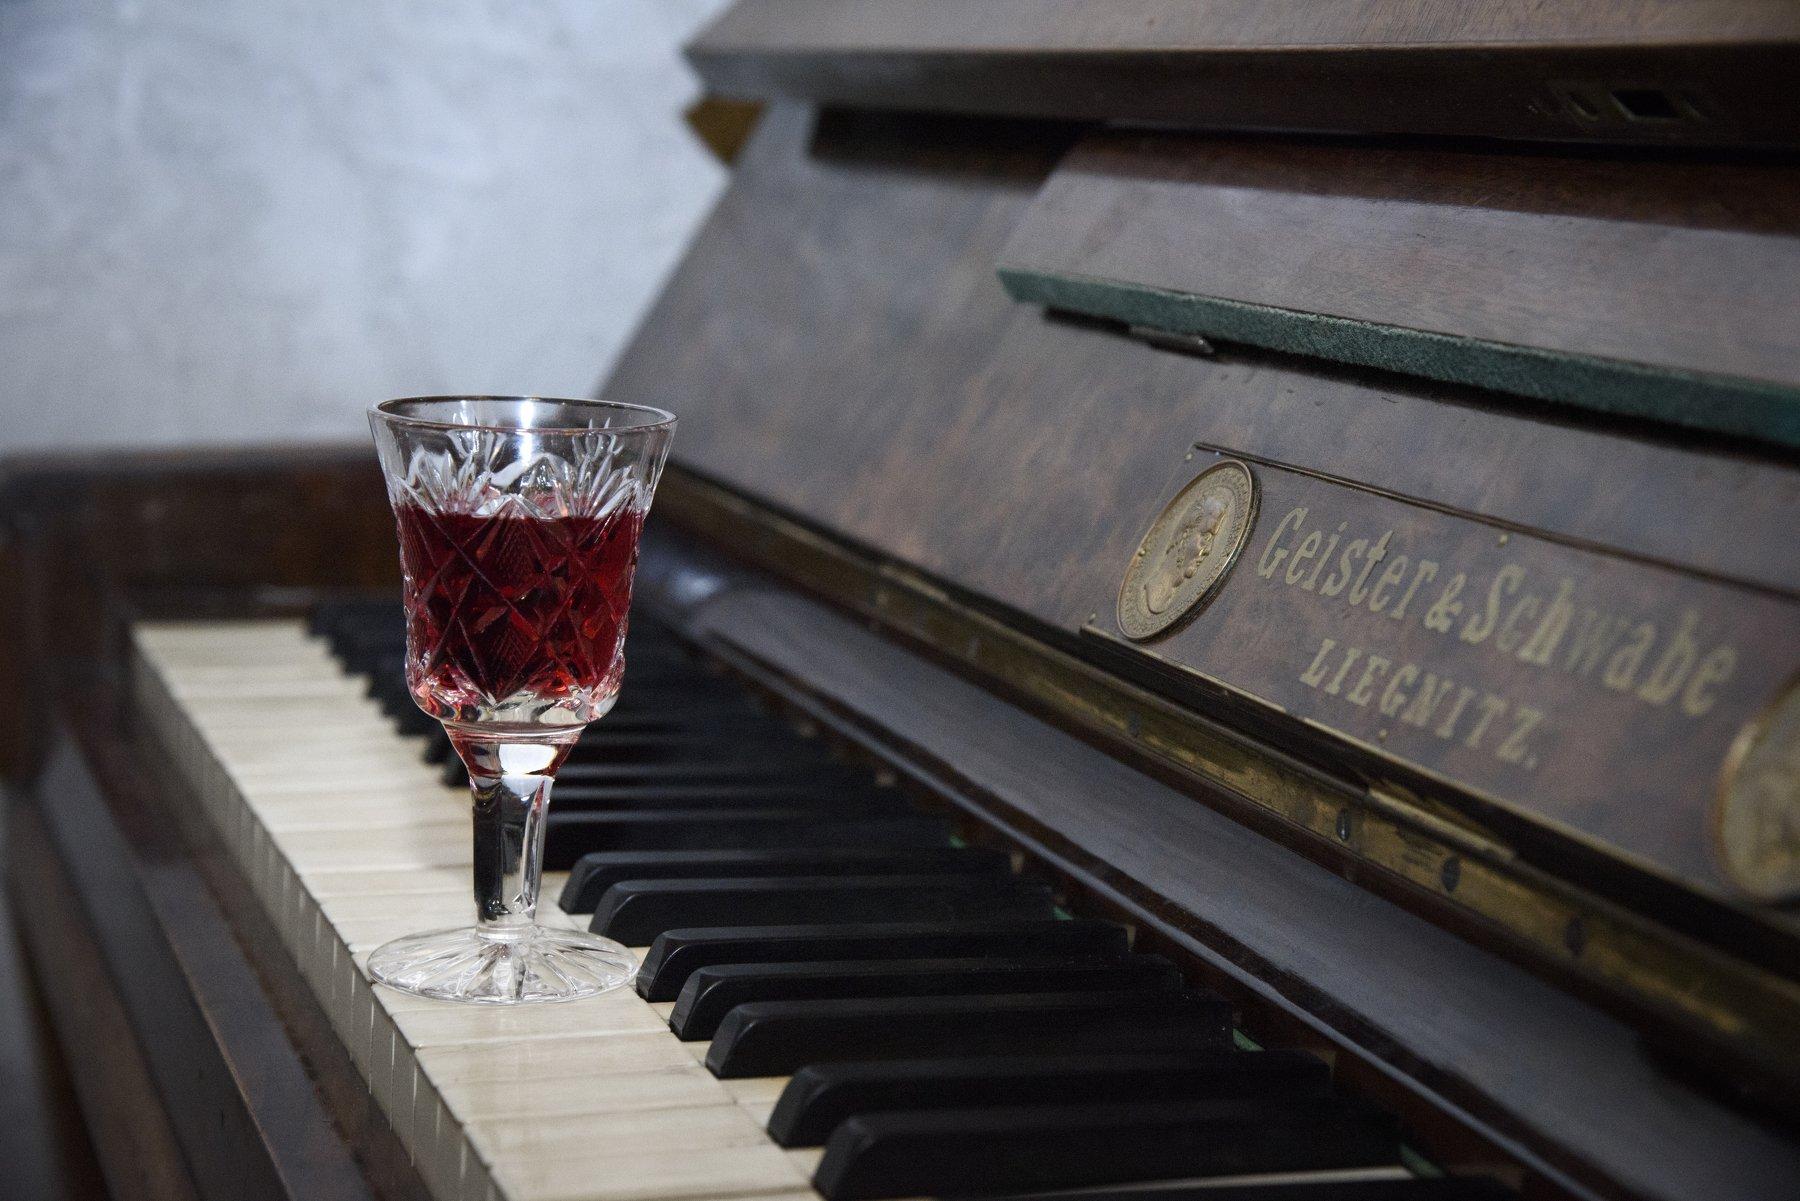 вино, бокал вина, красное вино, пианино, клавиши, музыка, алкоголь, Светлана Хромова